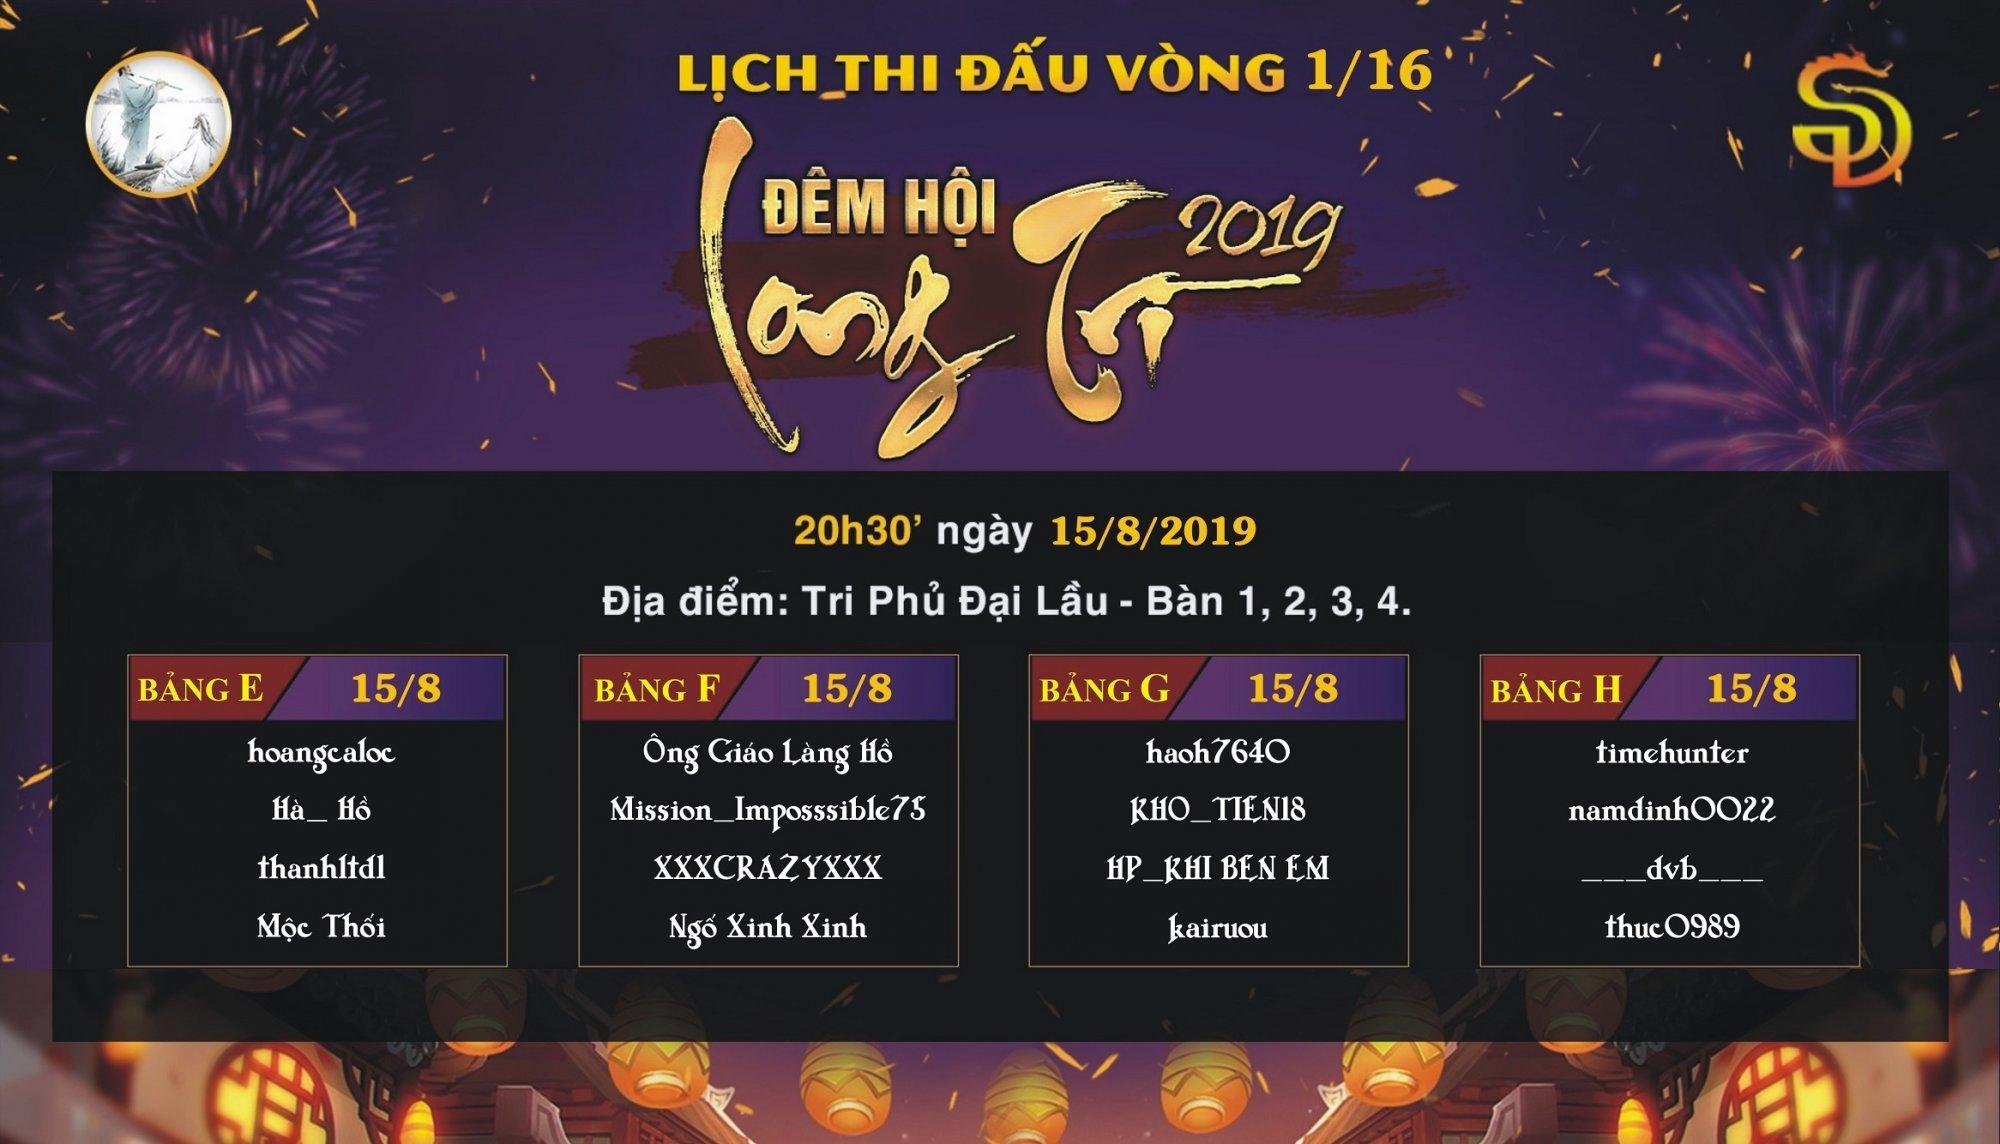 lich thi dau V3 - 08.15.JPG